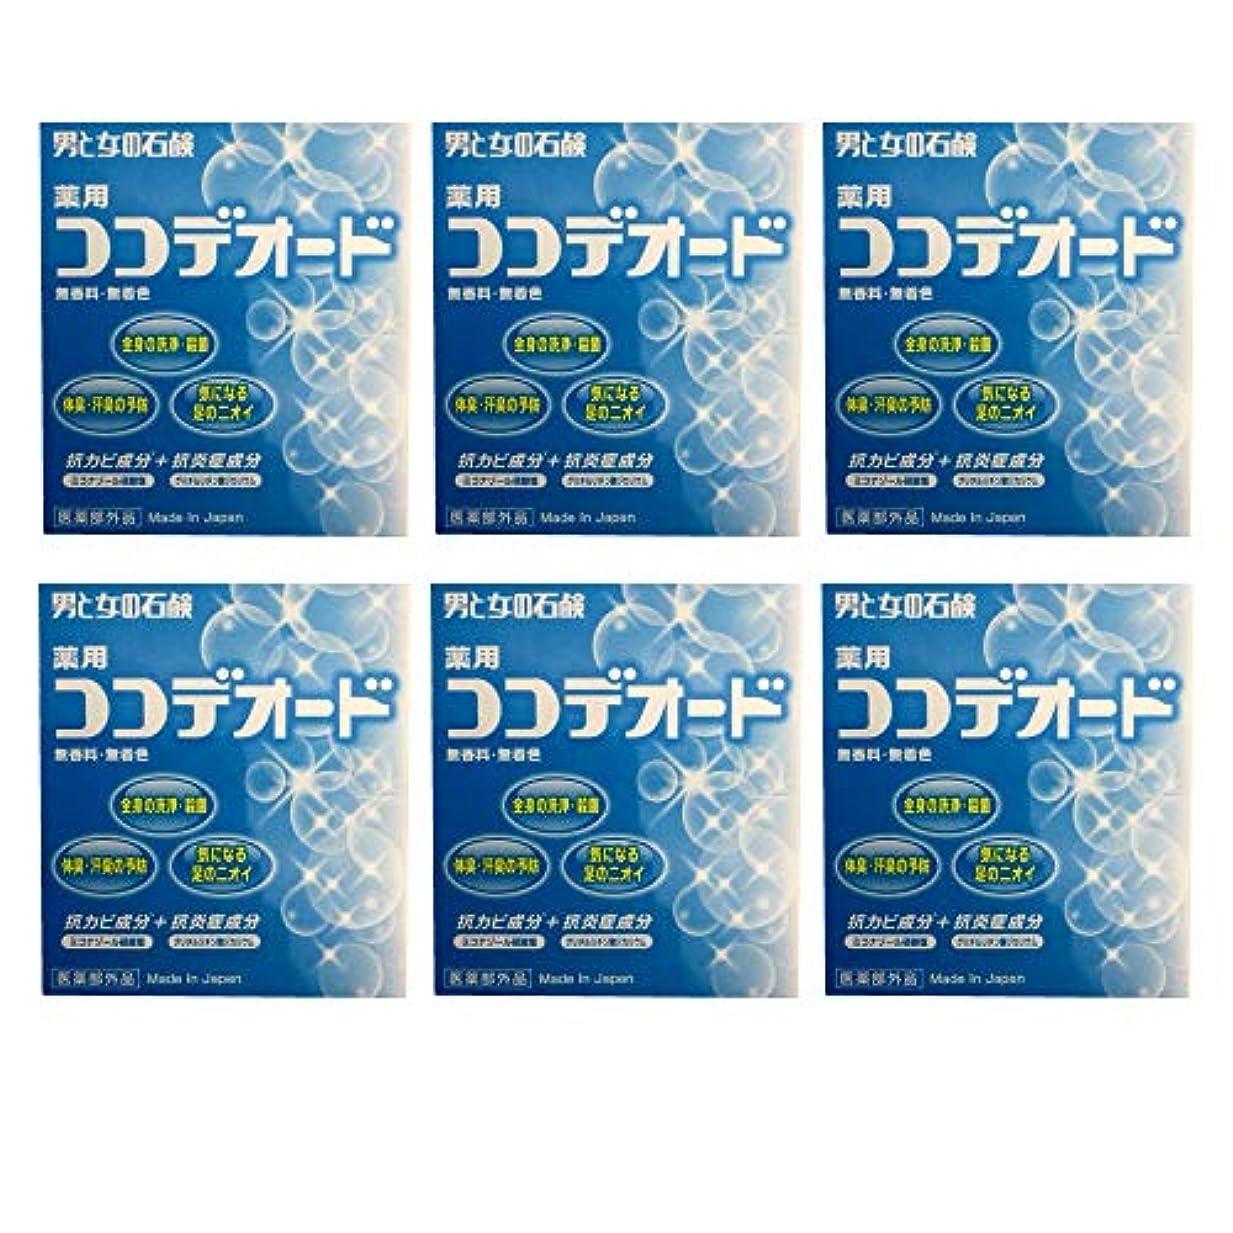 ヘルパー緩む不快なミコナゾール 薬用せっけん 100g 《医薬部外品》 (6個)